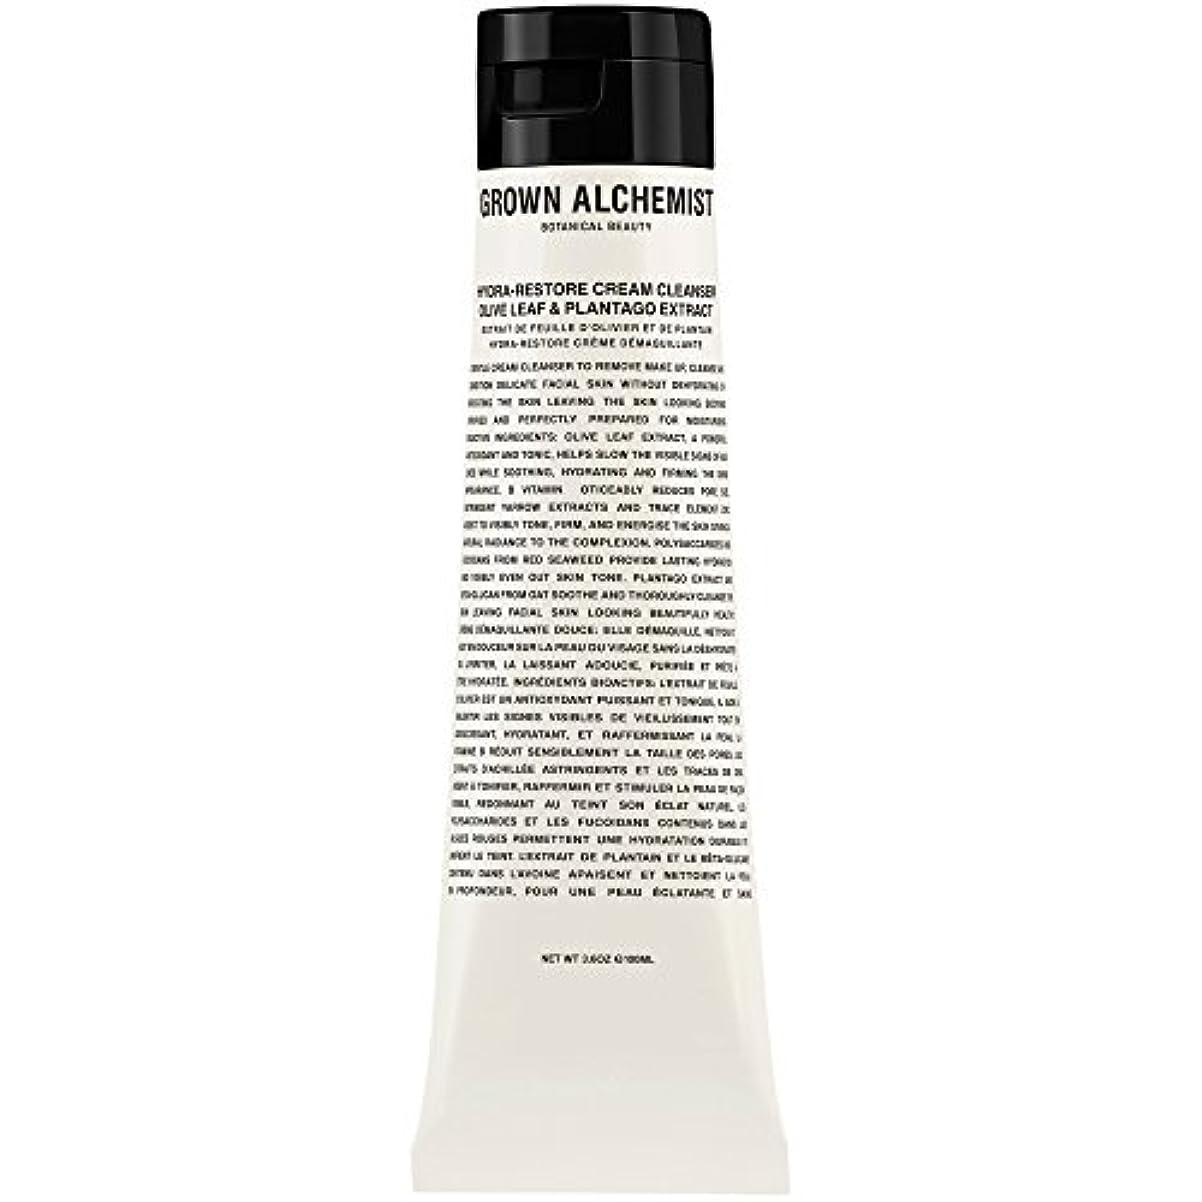 公爵夫人恐ろしいリークオリーブの葉&Plantogoエキス、100ミリリットル:成長した錬金術師クリームクレンザーをヒドラ復元 (Grown Alchemist) (x2) - Grown Alchemist Hydra-Restore Cream...